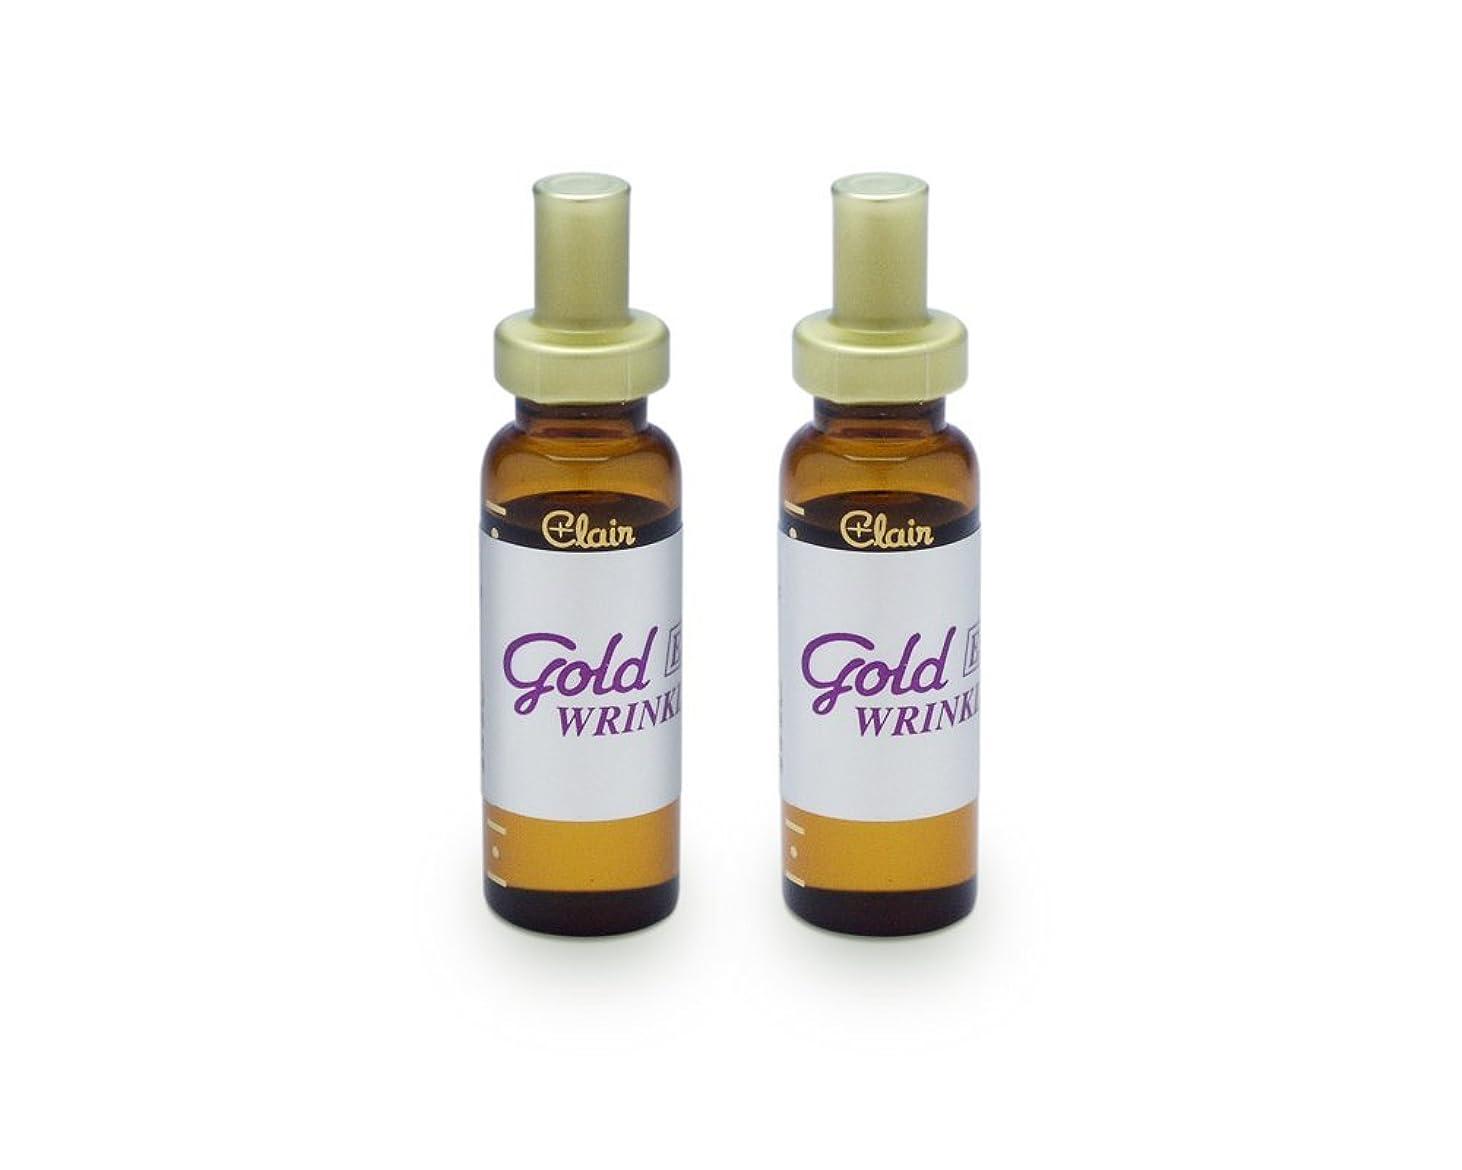 ネブ札入れドローくれえる ゴールドリンクル EF 化粧油